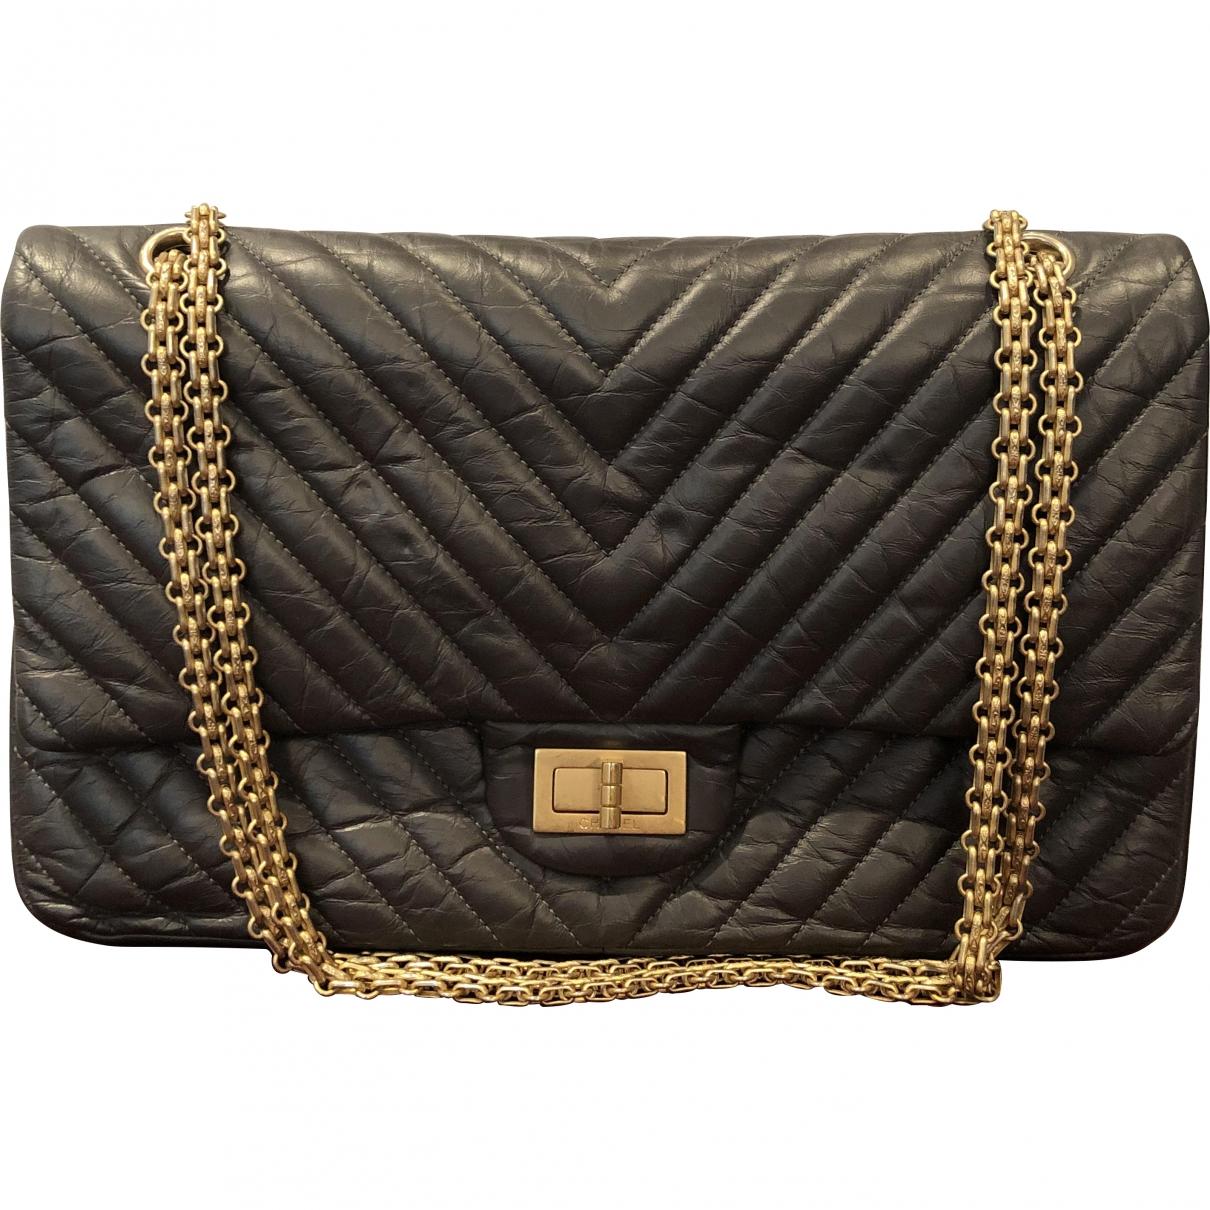 Chanel - Sac a main 2.55 pour femme en cuir - gris